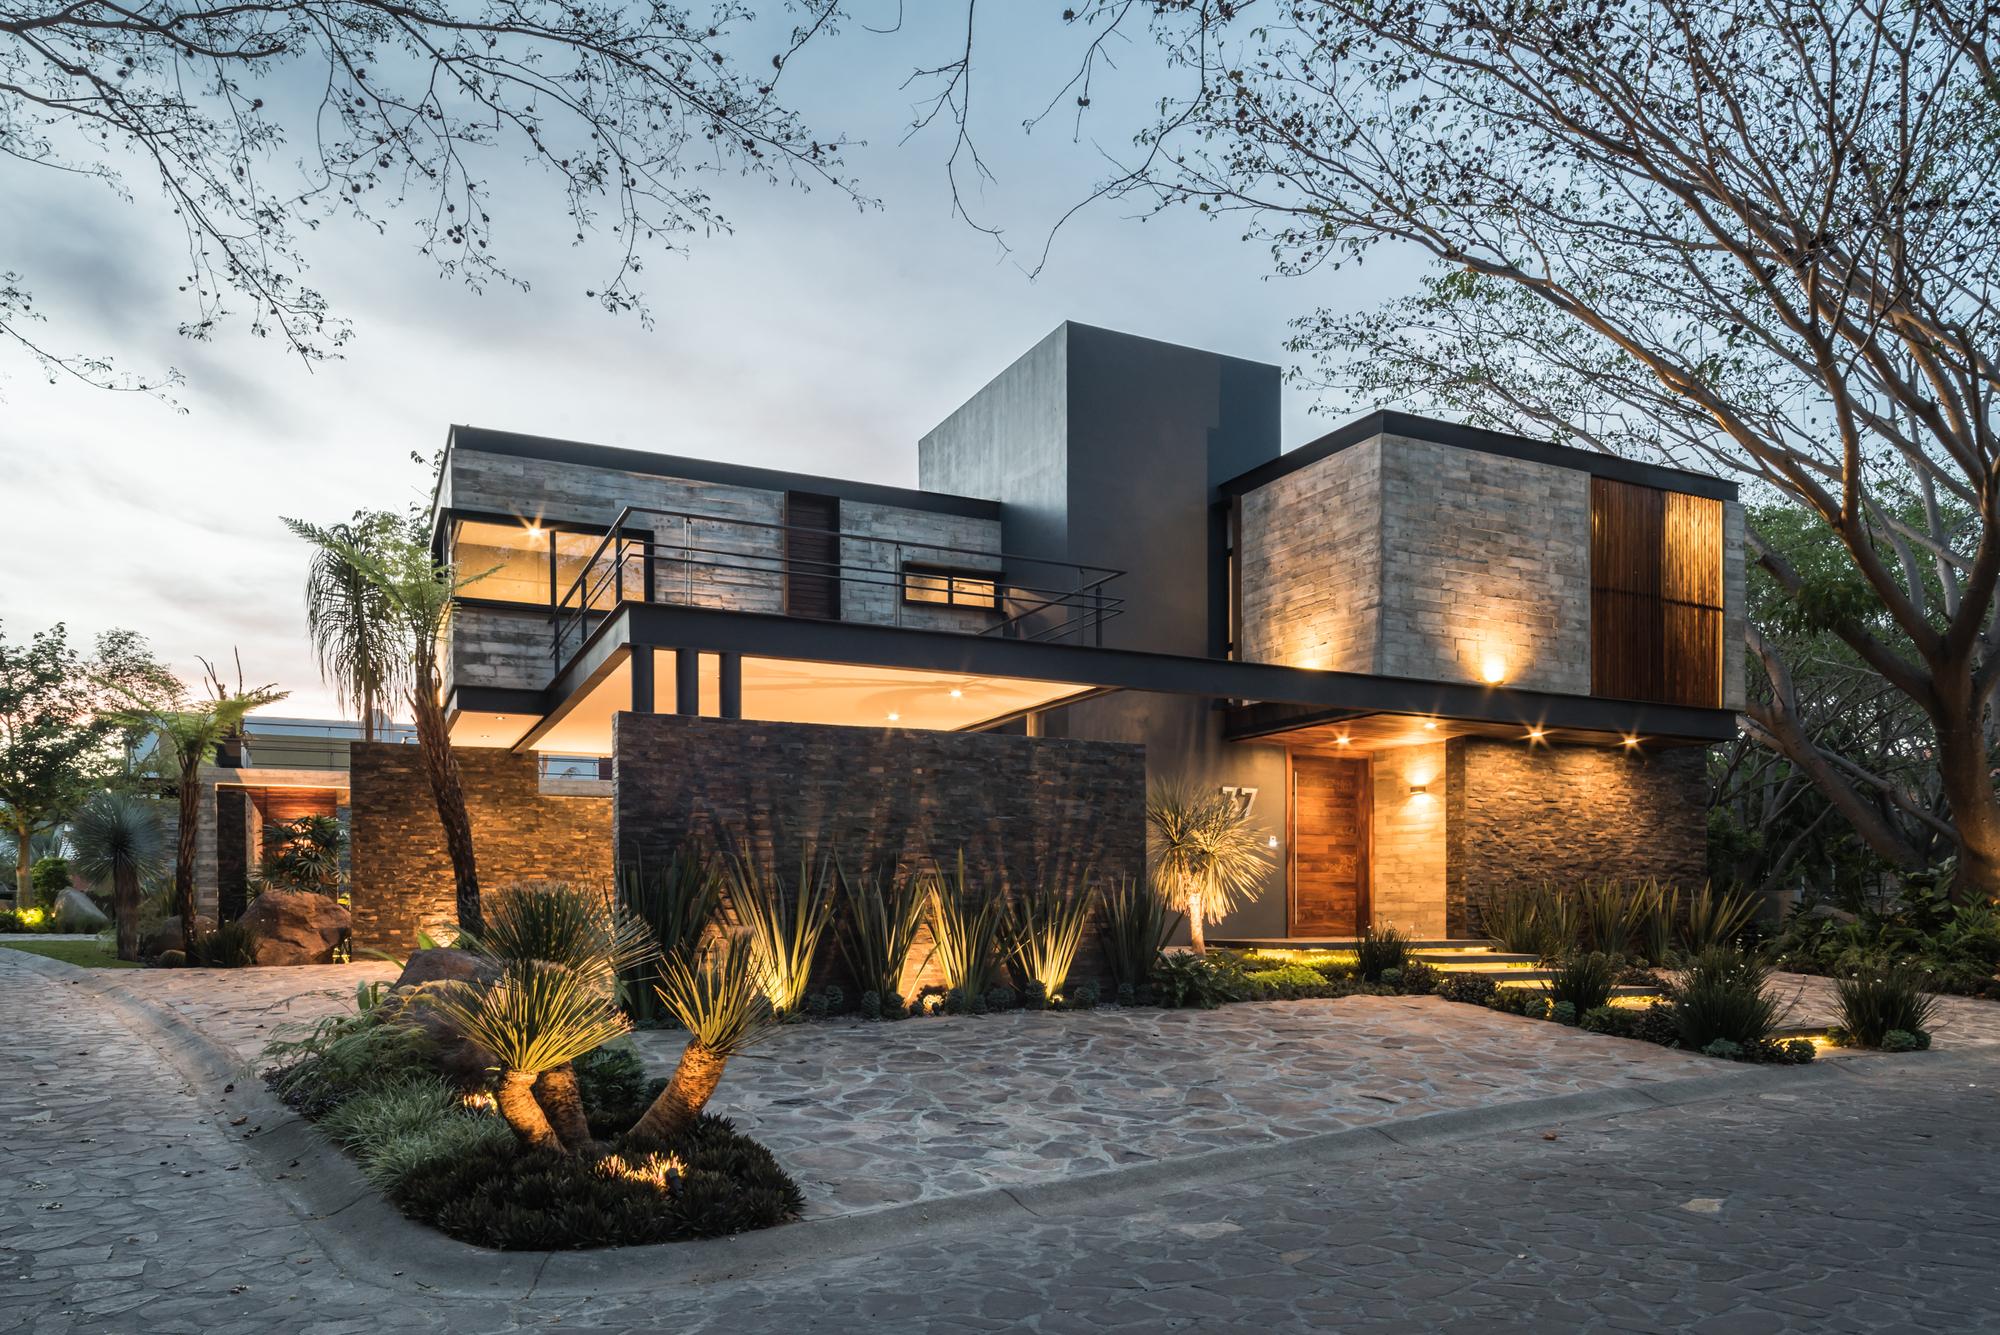 Galer a de casa kalyvas di frenna arquitectos 24 for Fotos de casas modernas grandes